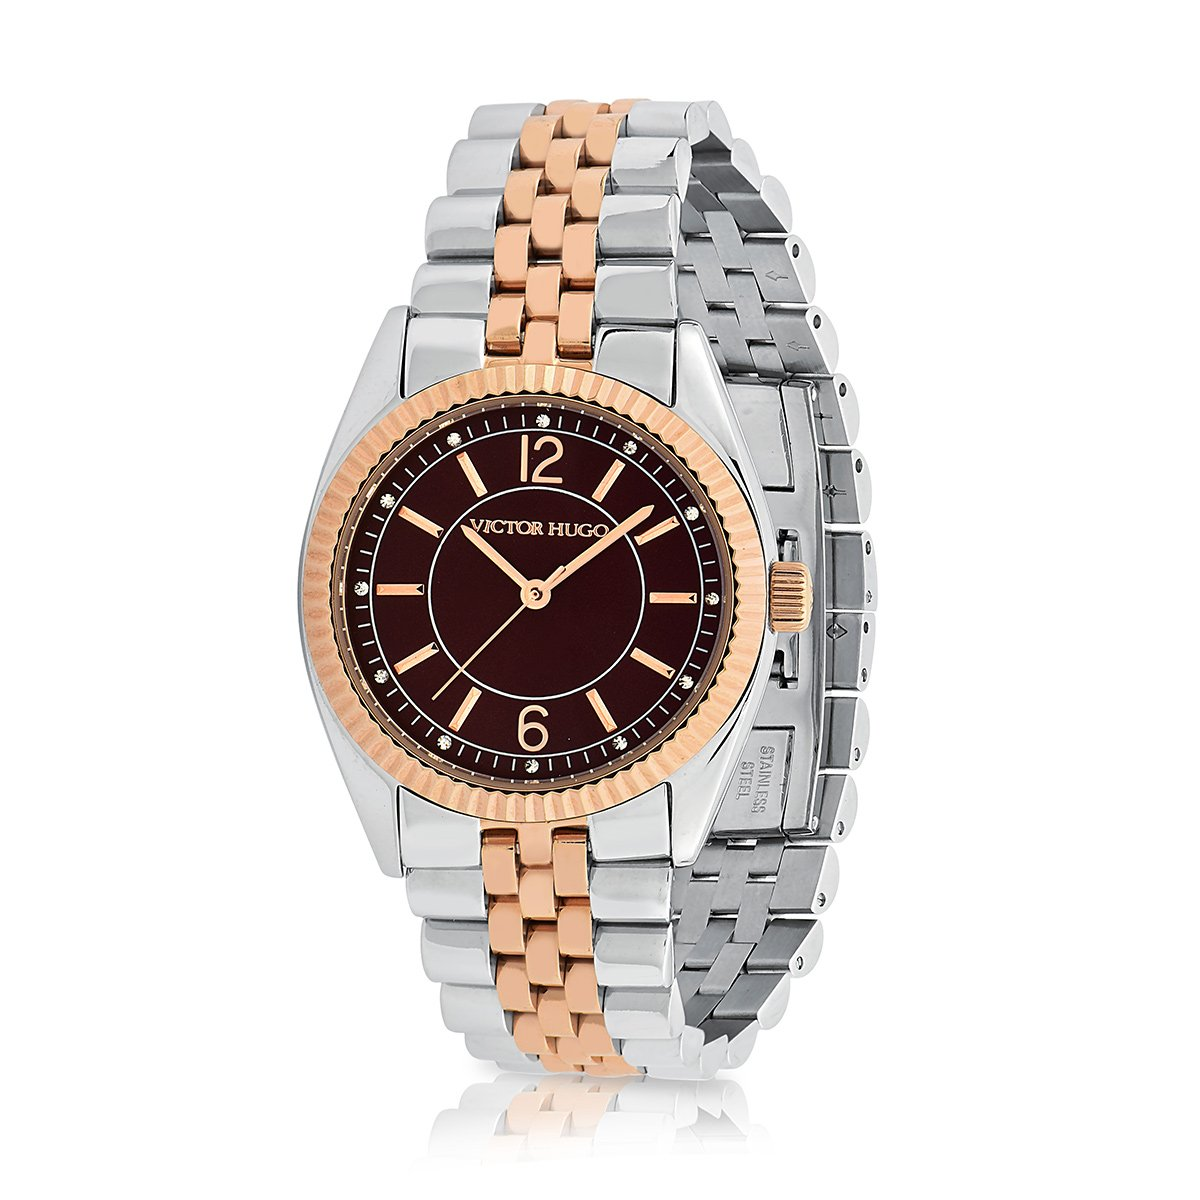 544d8e220e7 Relógio Victor Hugo 10156LSSR 12M - Prata - Compre Agora